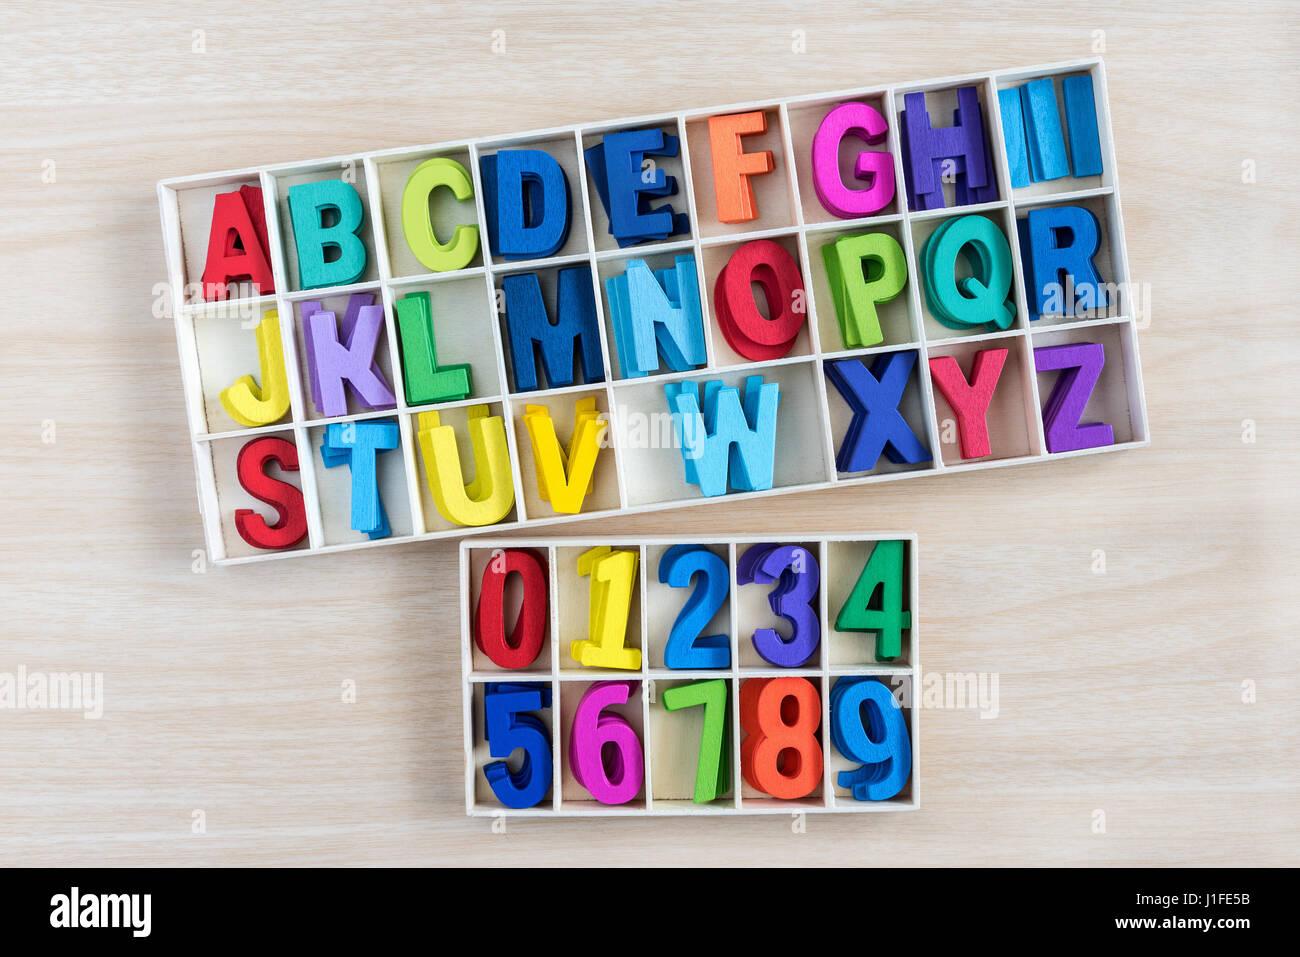 Bunte Buchstaben und Zahl in einer Holzkiste mit quadratischen ...